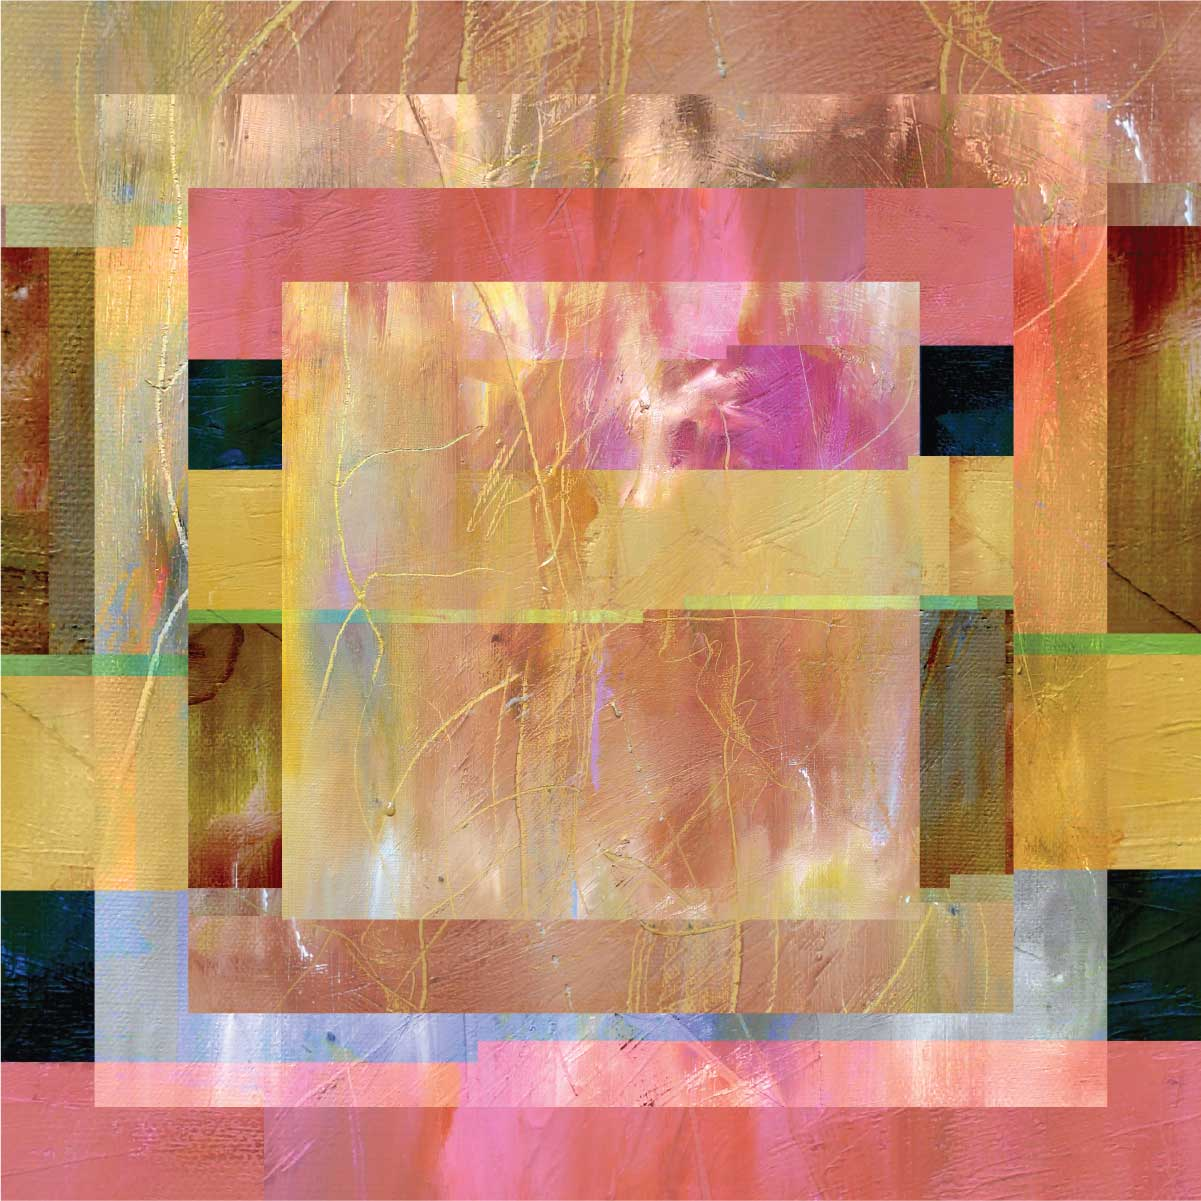 s-glitch_06-14_oil2-03